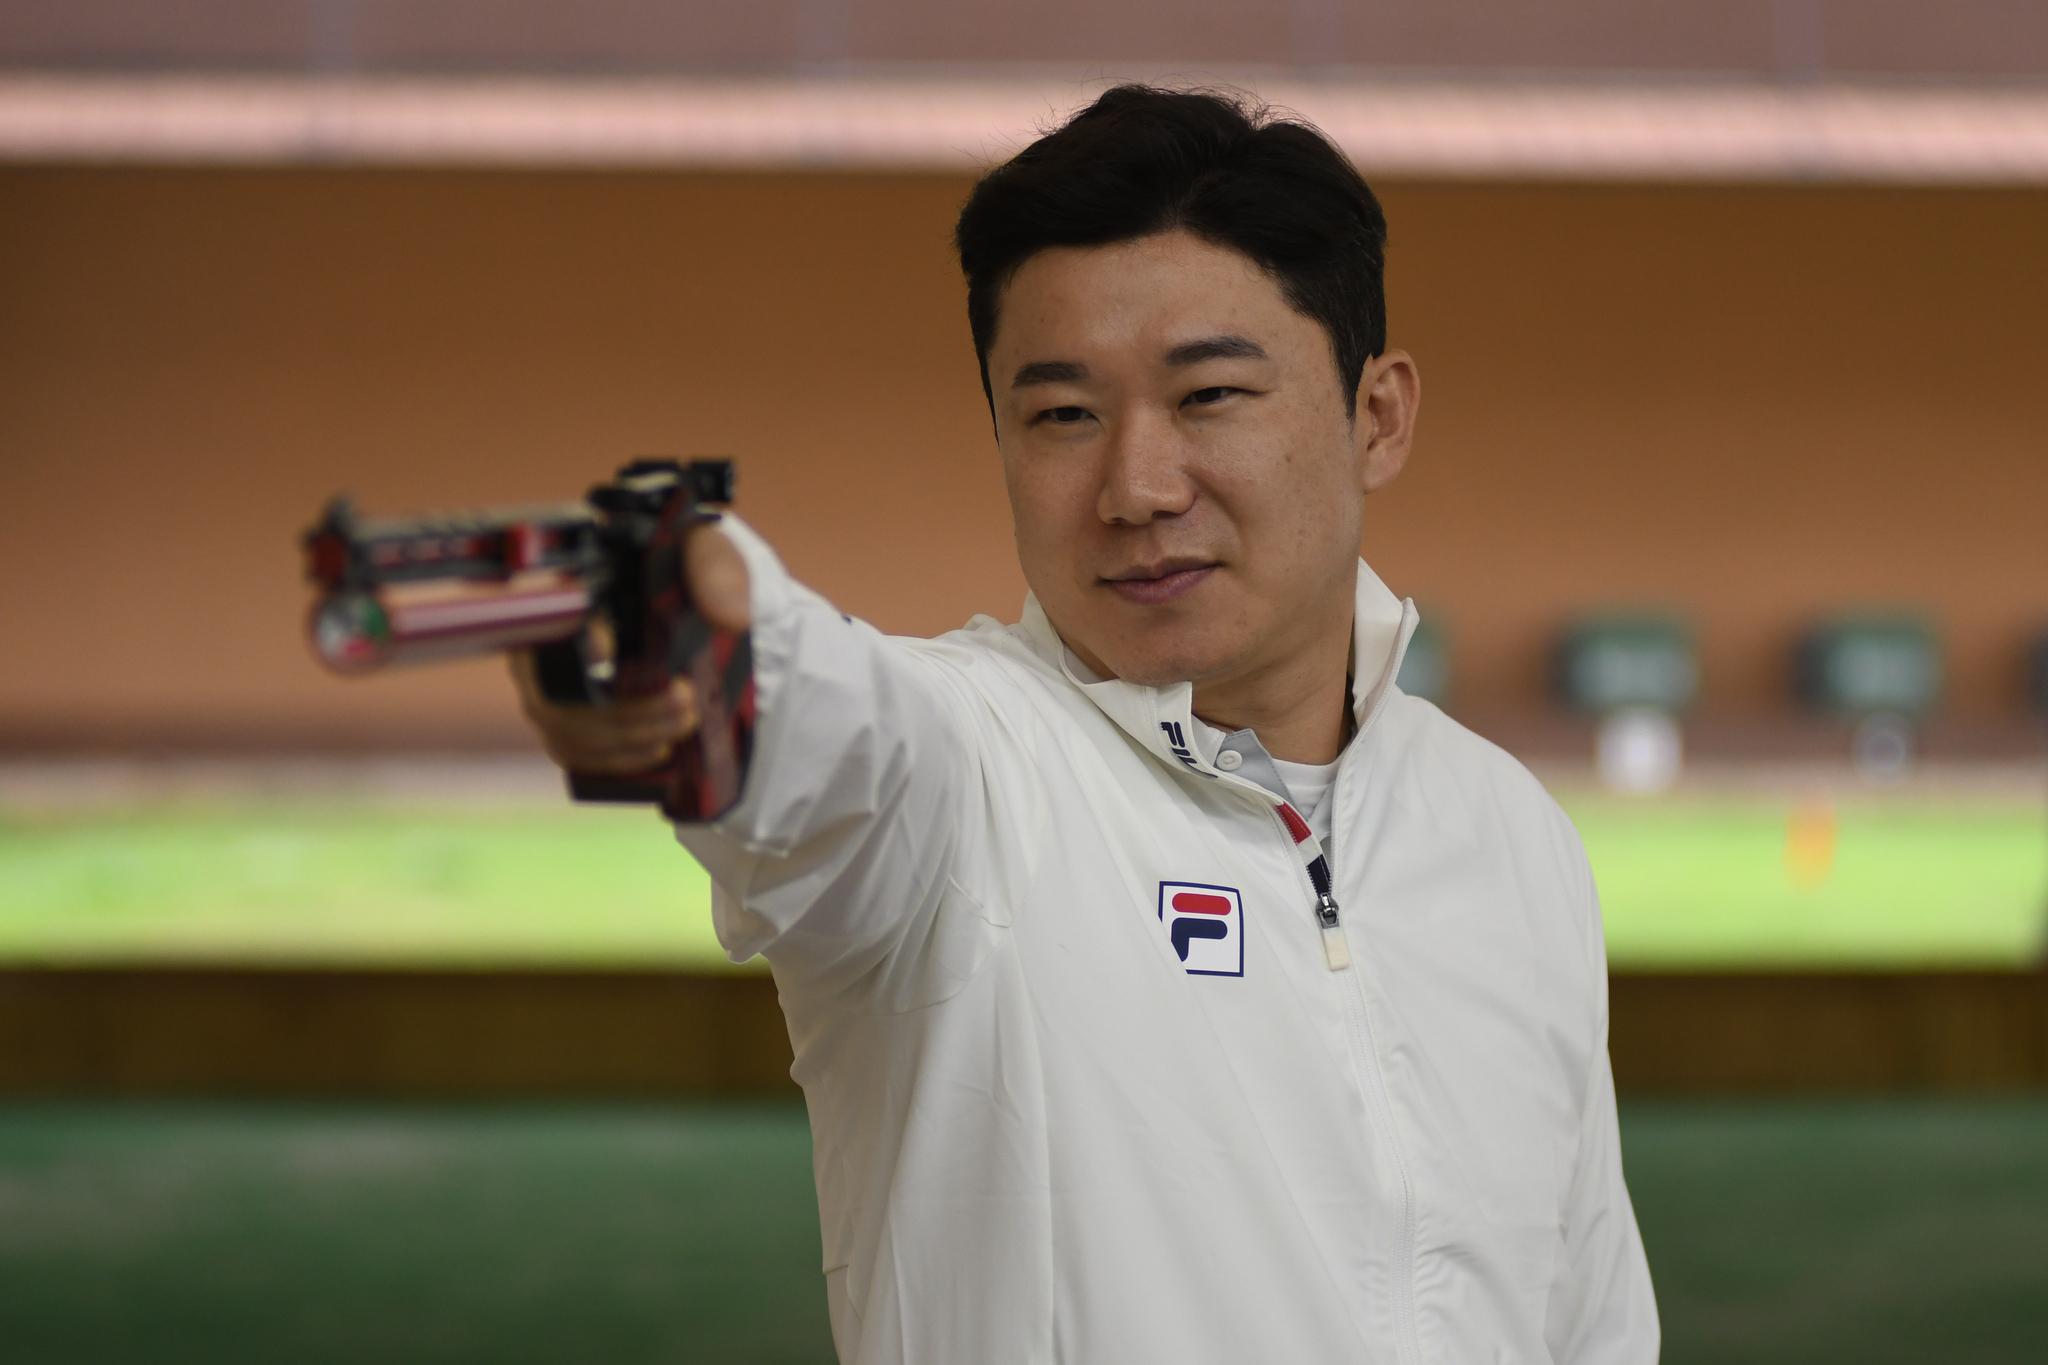 5번째 올림픽을 앞둔 권총황제 진종오. [사진 대한사격연맹]